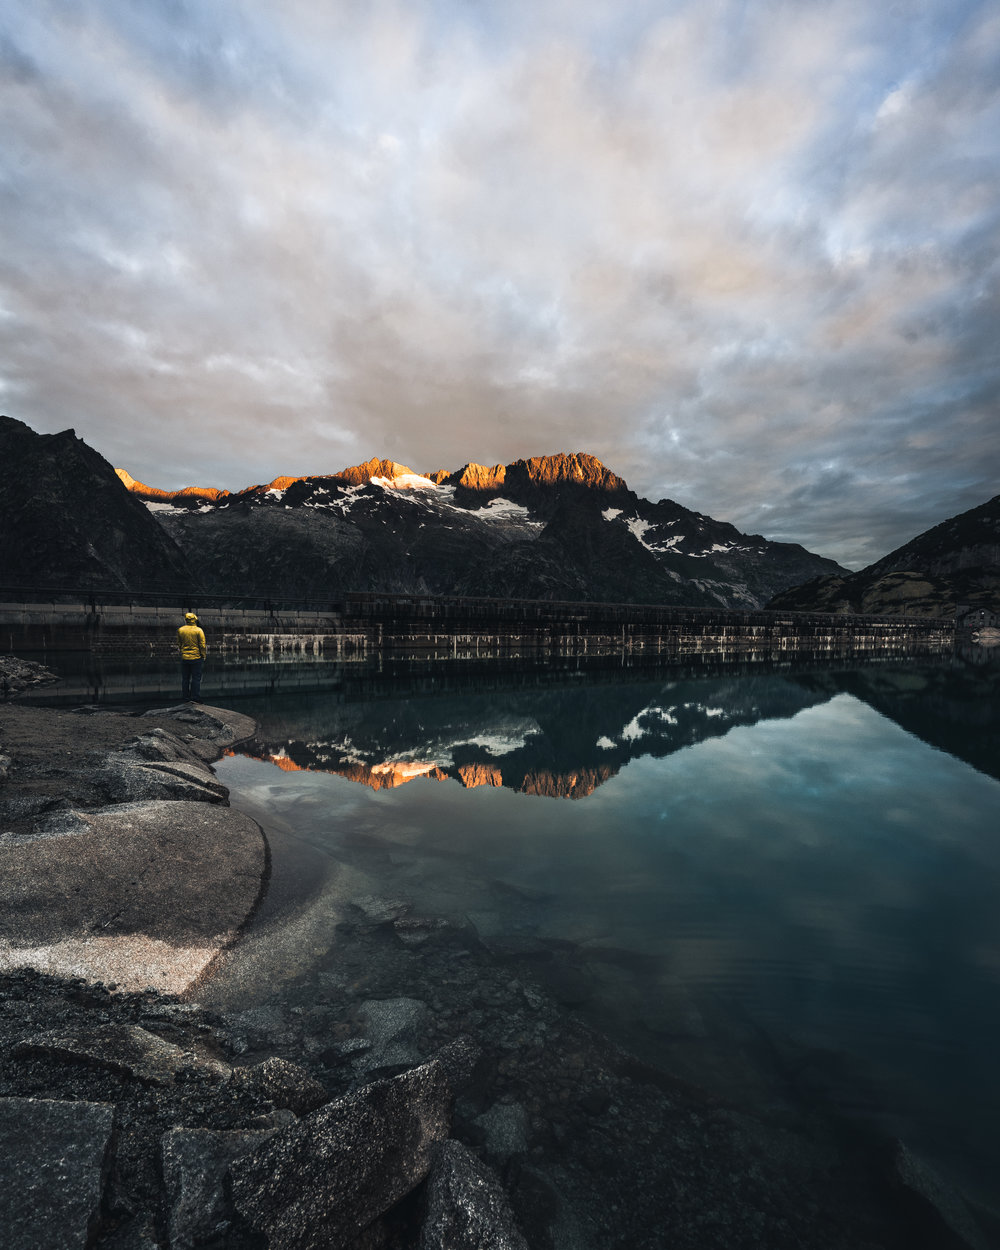 Glowing peaks at Gelmersee - Switzerland ©drcapture